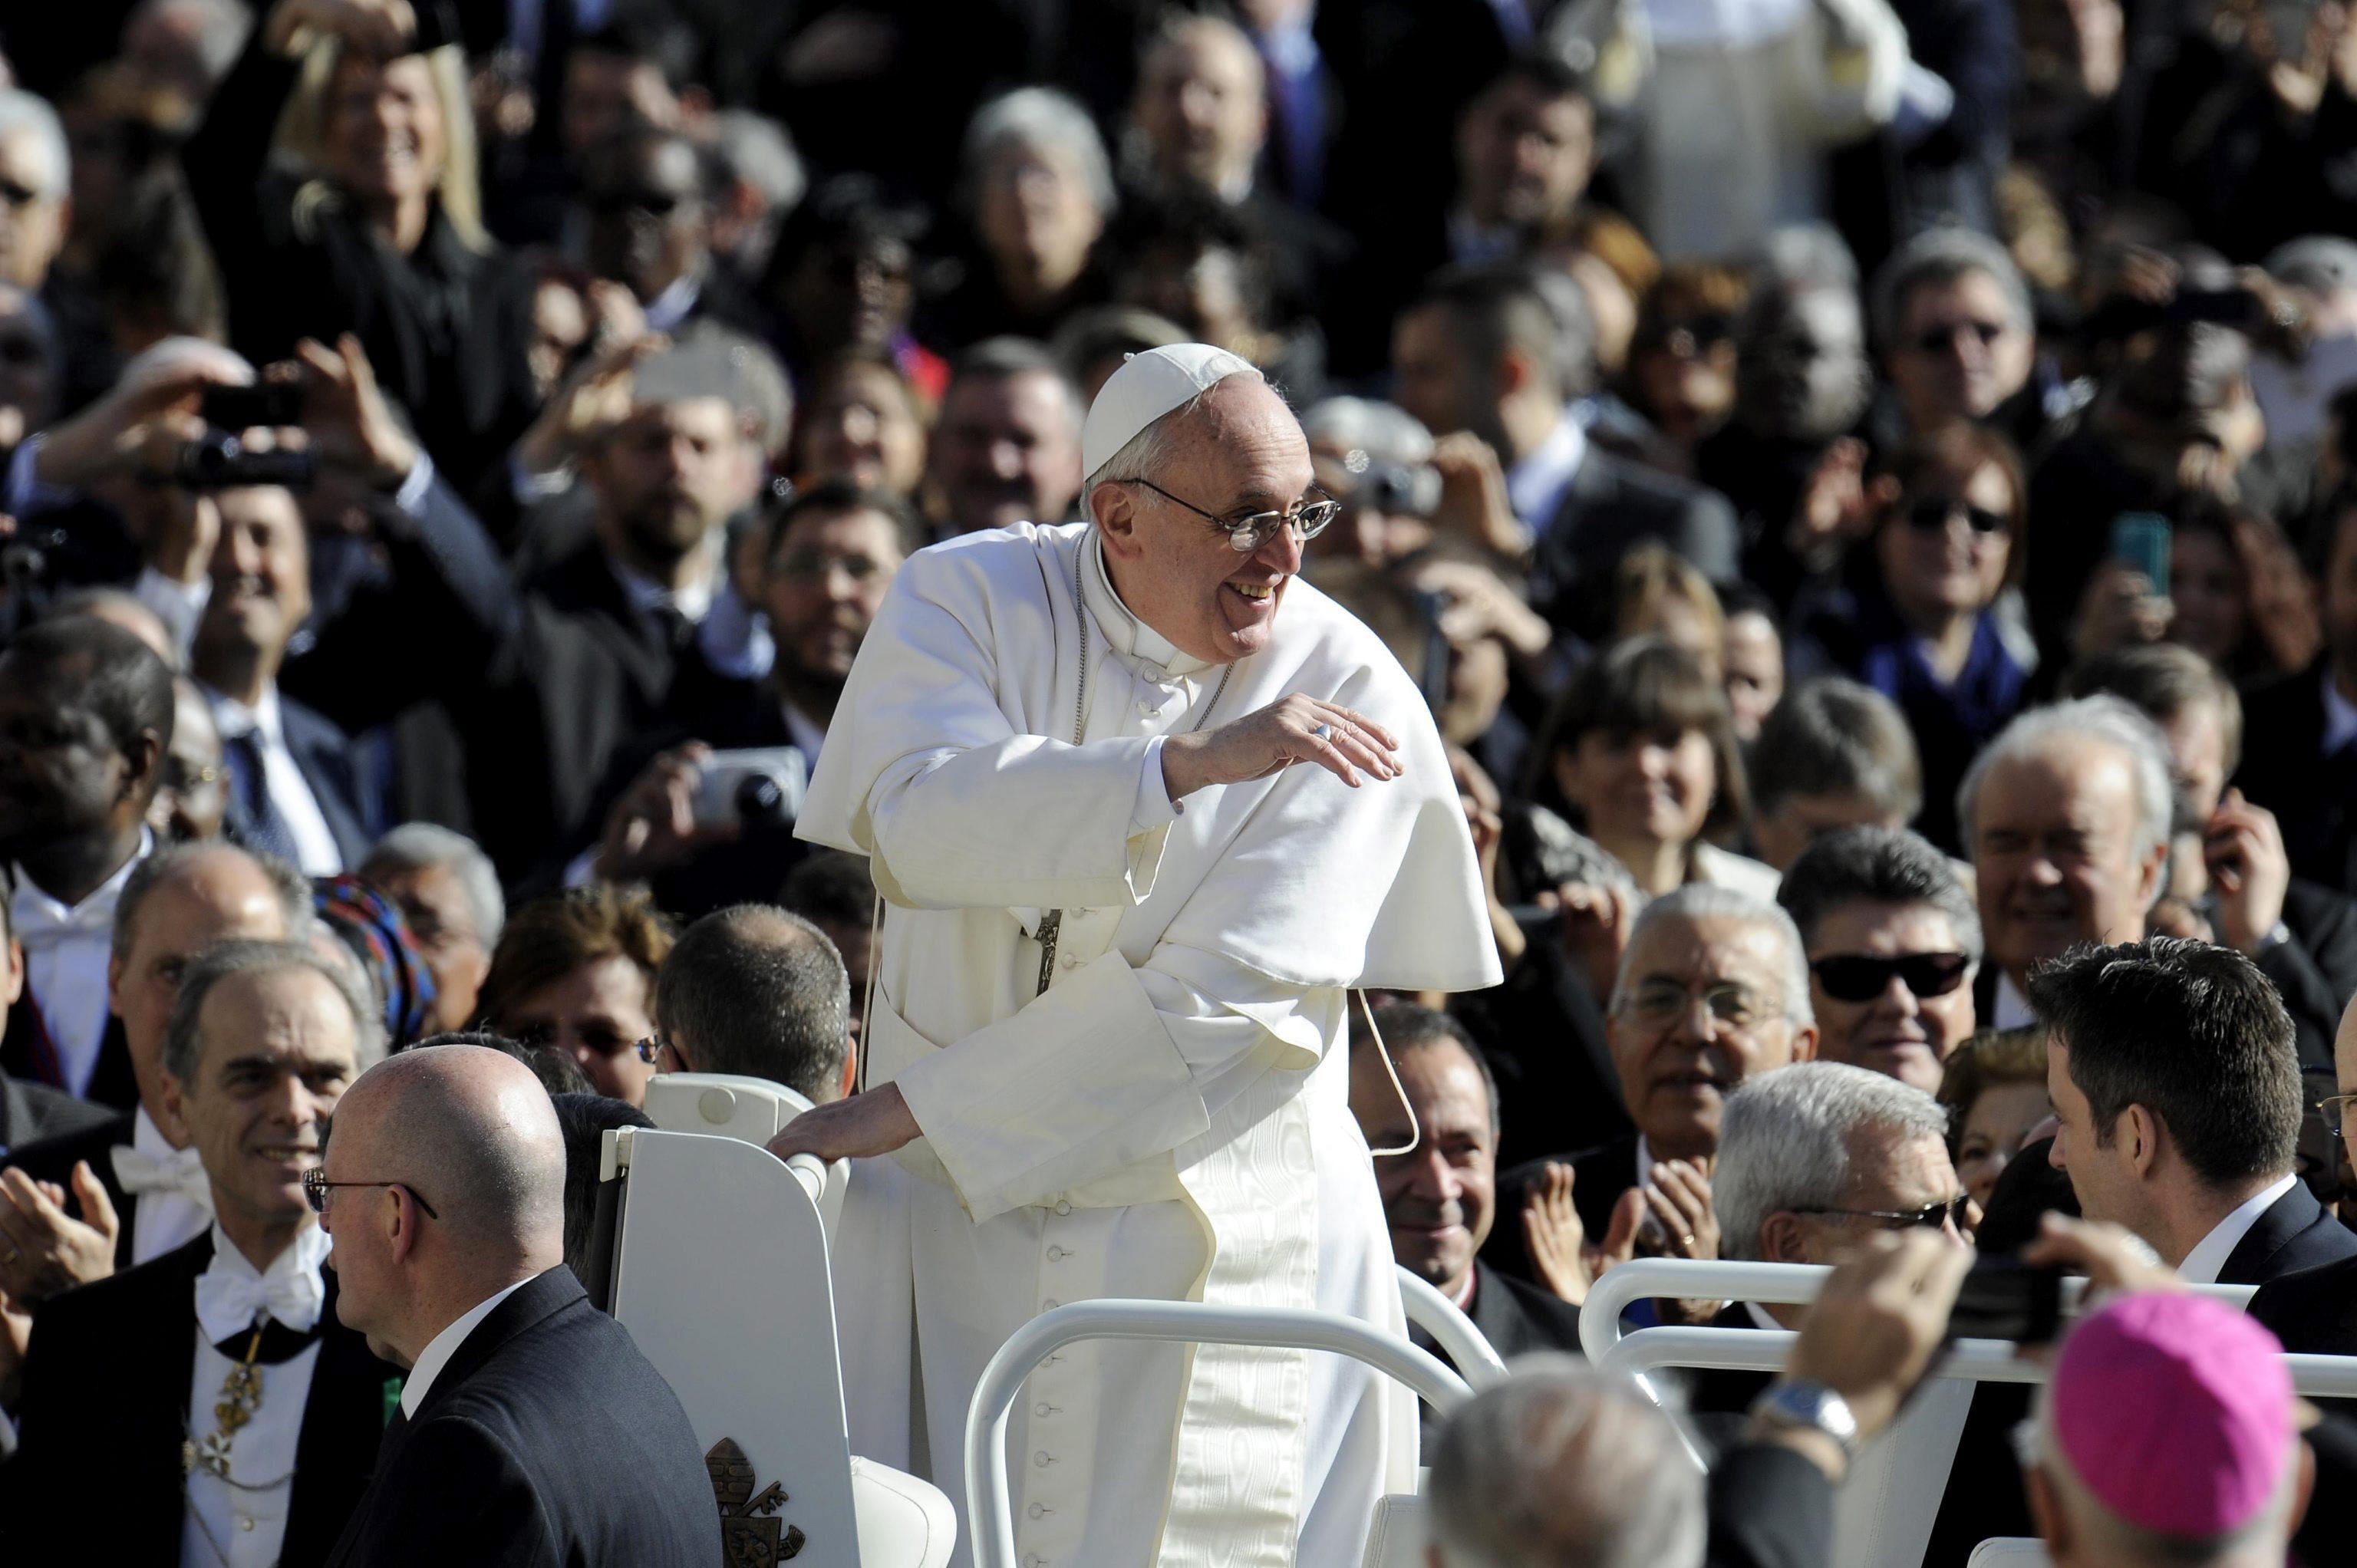 El Papa Francisco gana popularidad inusitada en México